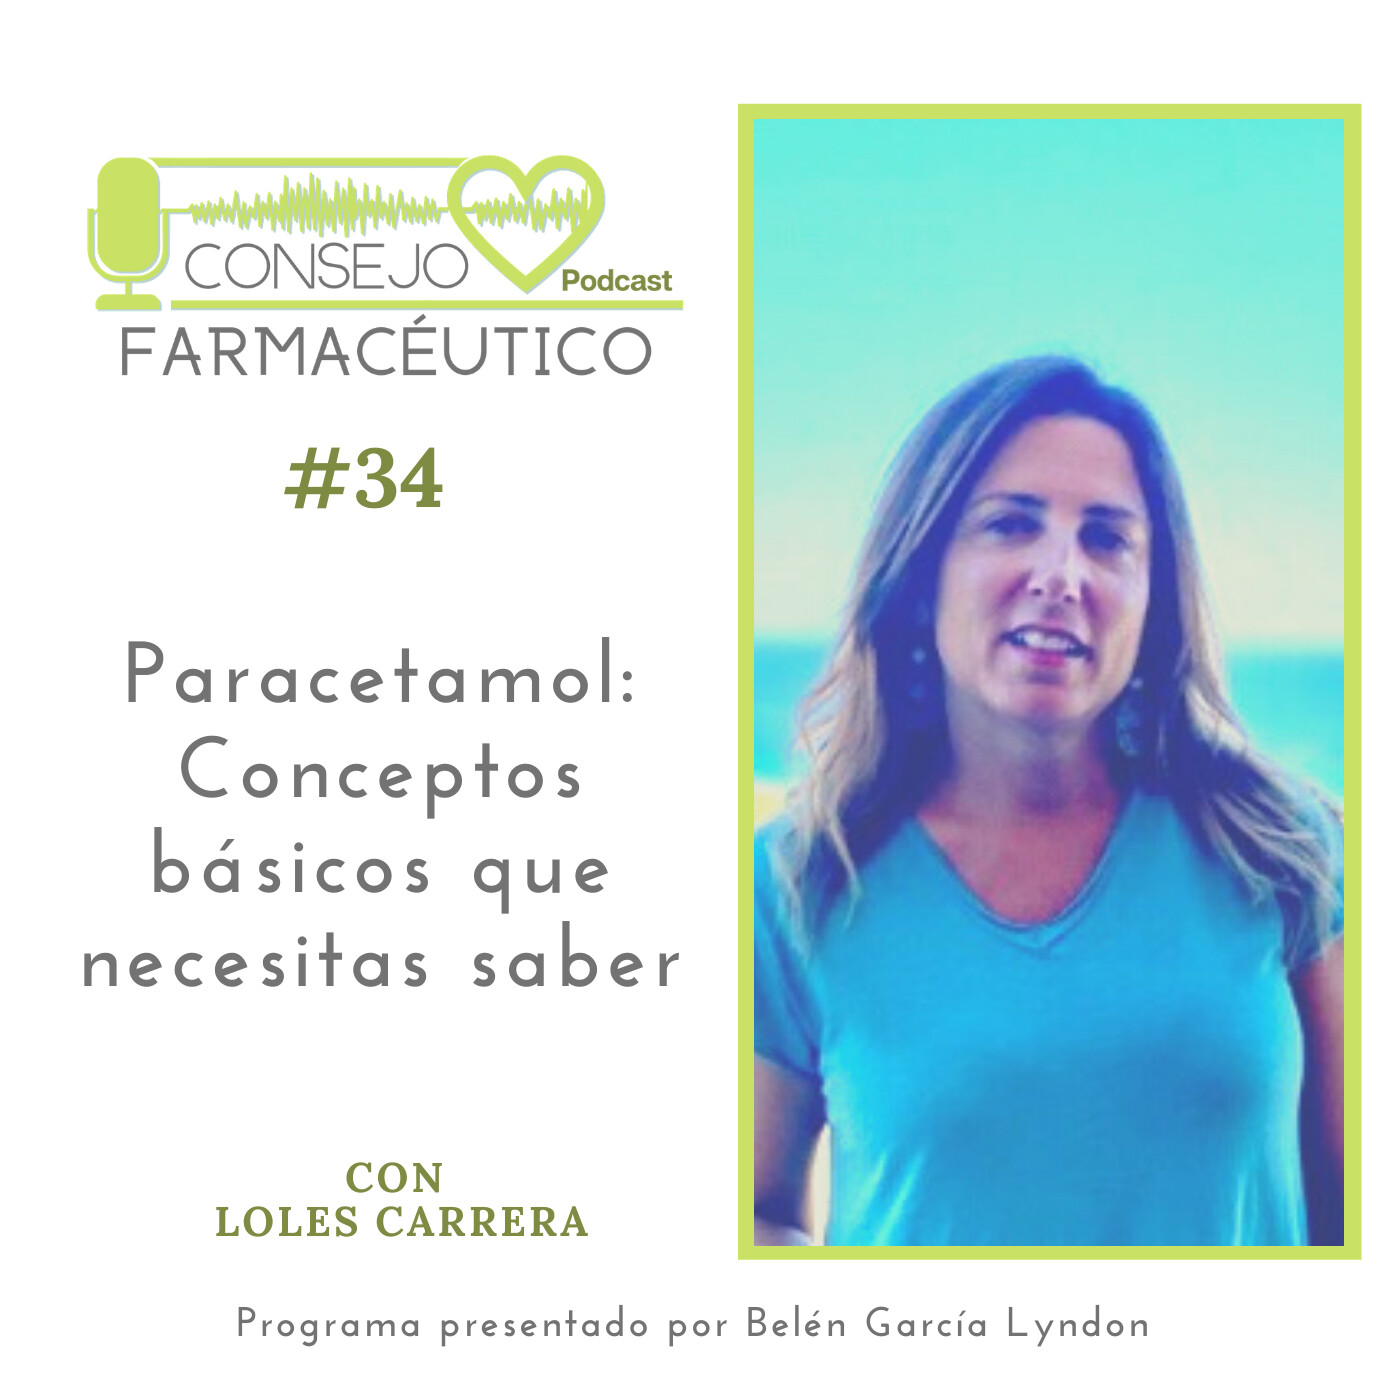 #34. Paracetamol: Conceptos Básicos Que Necesitas Saber - Con Loles Carrera